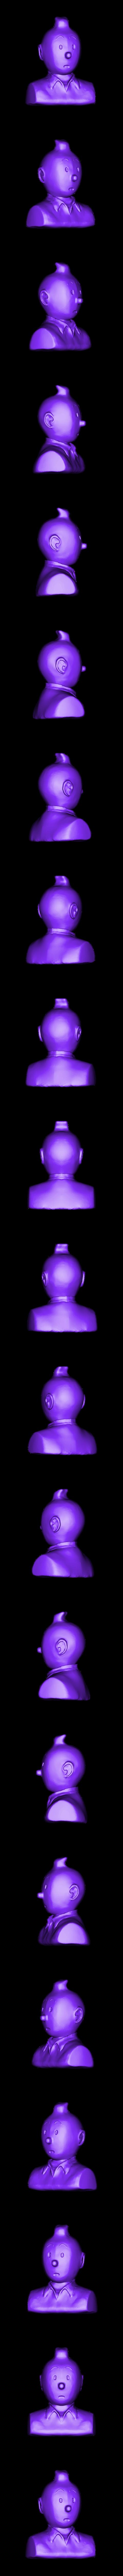 tintin.obj Télécharger fichier OBJ gratuit Buste du meilleur héros • Modèle à imprimer en 3D, MisterDiD